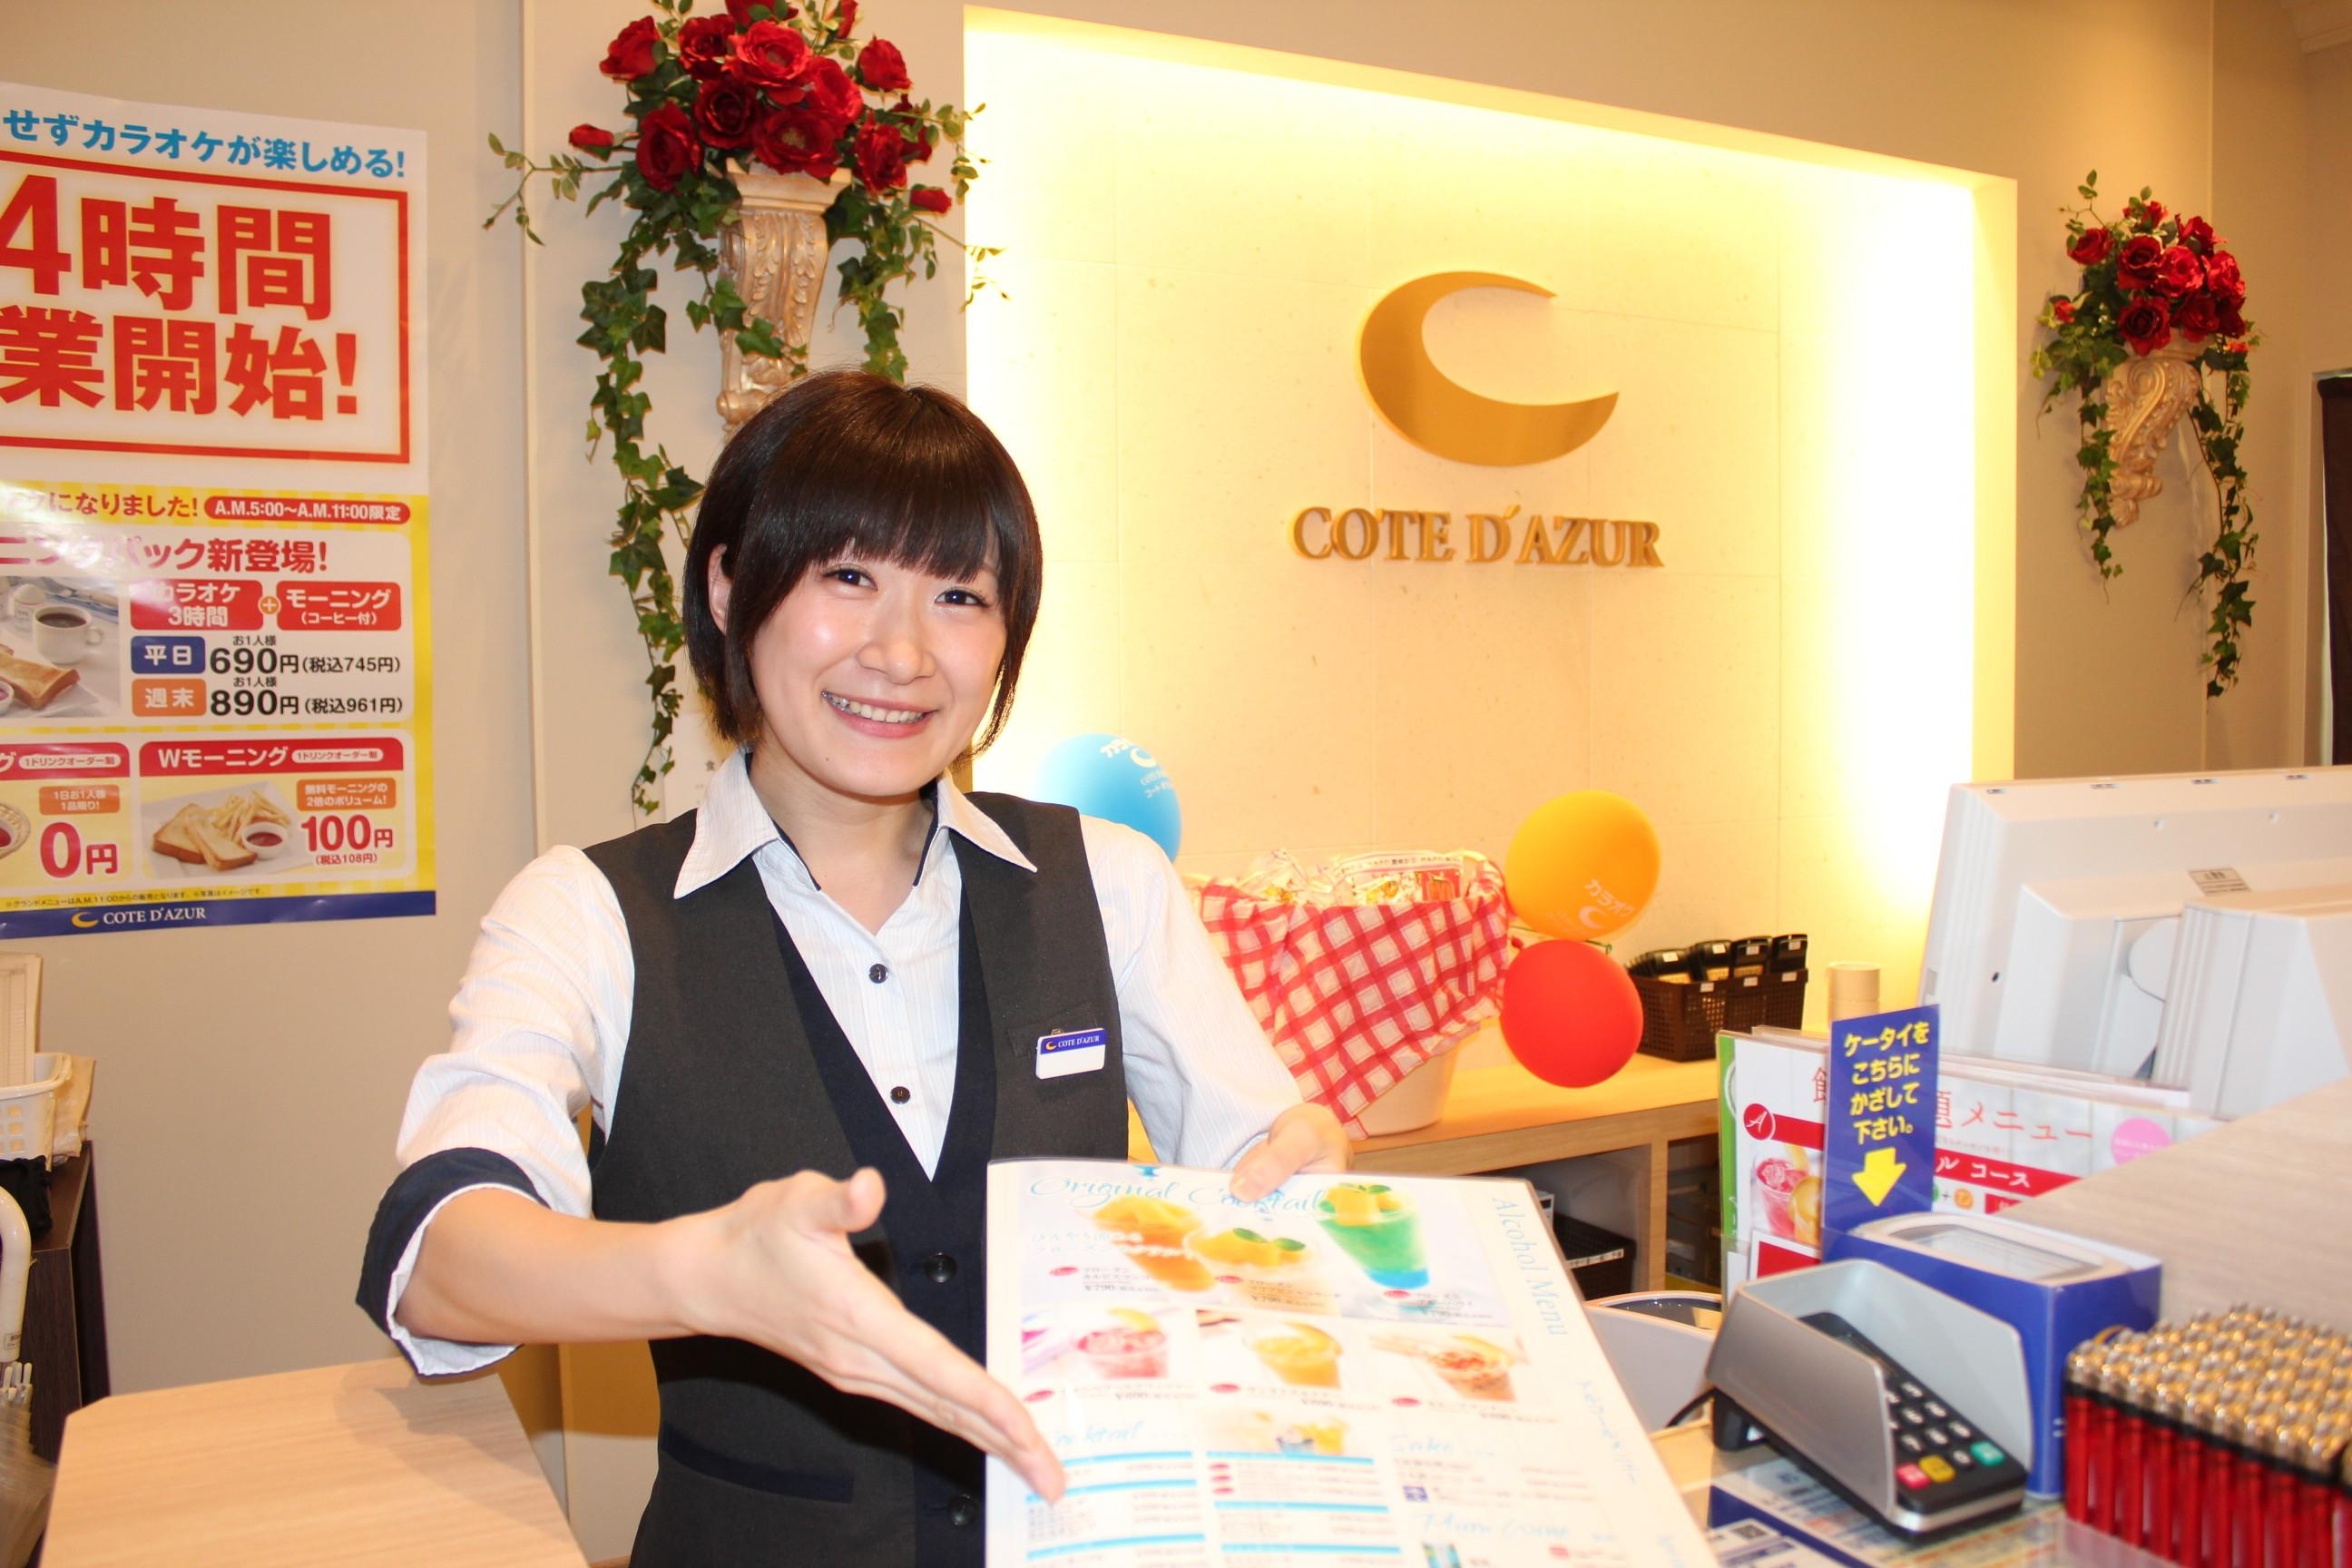 コート・ダジュール 海浜幕張店 のアルバイト情報